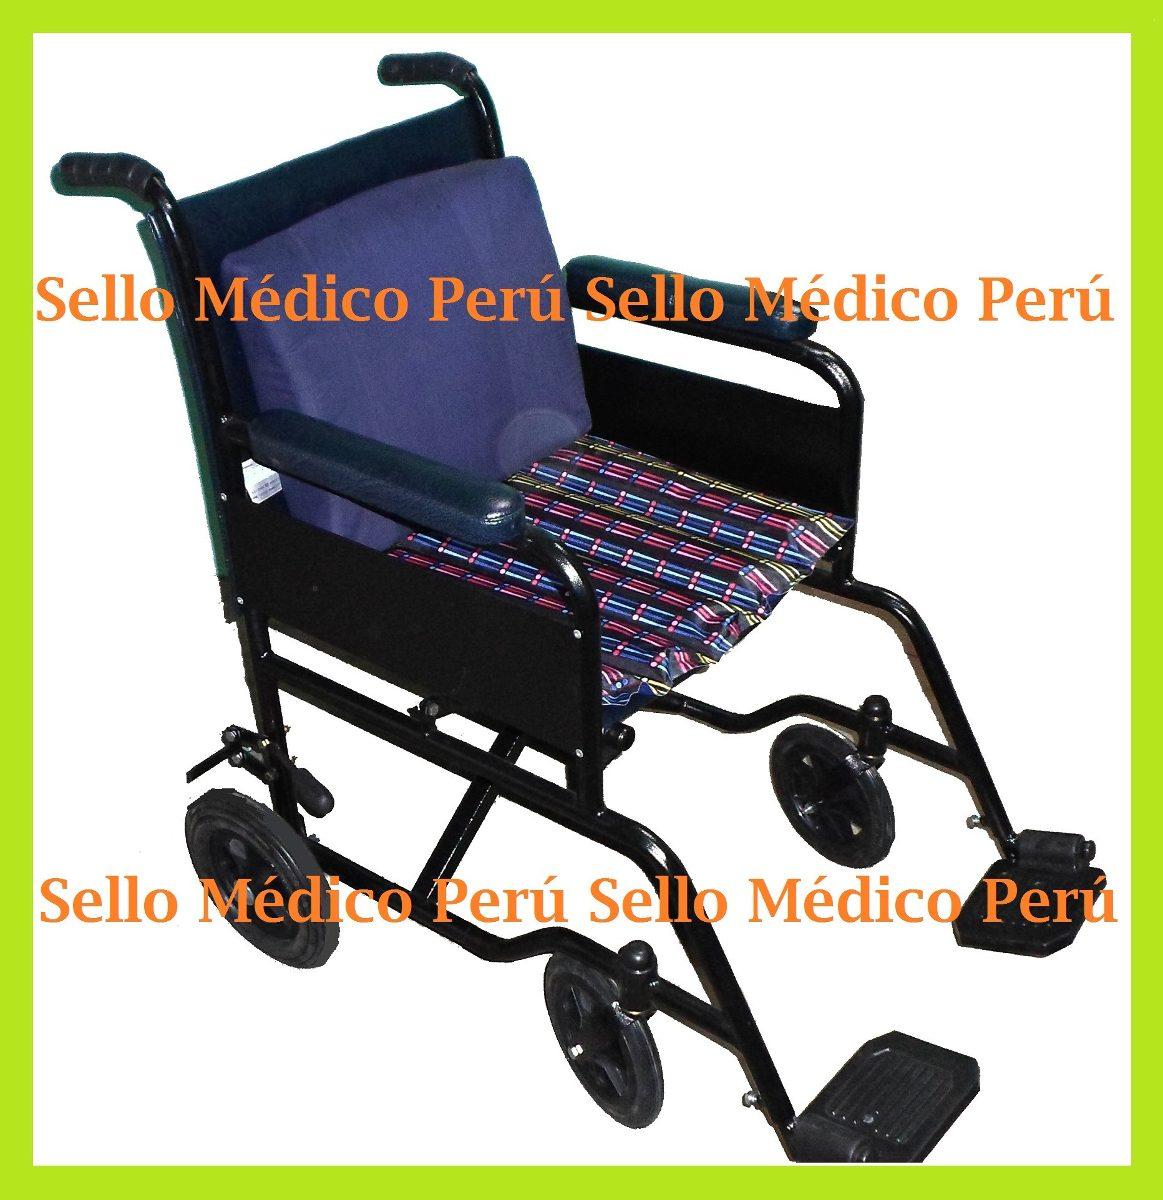 Cojin lumbar para silla de ruedas soporte lumbar for Cojin lumbar silla oficina